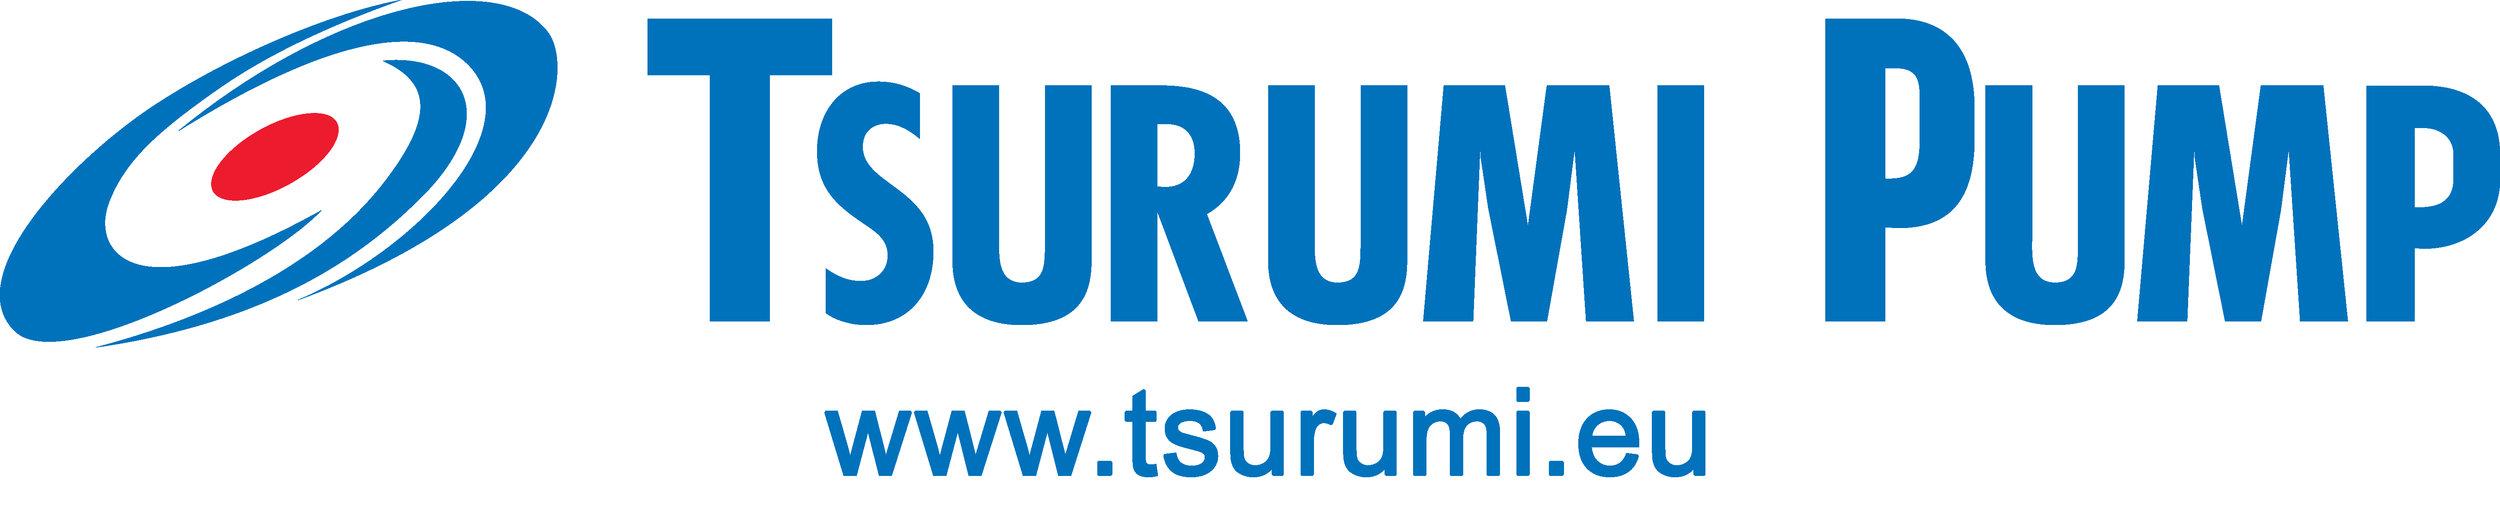 tsurumi.jpg